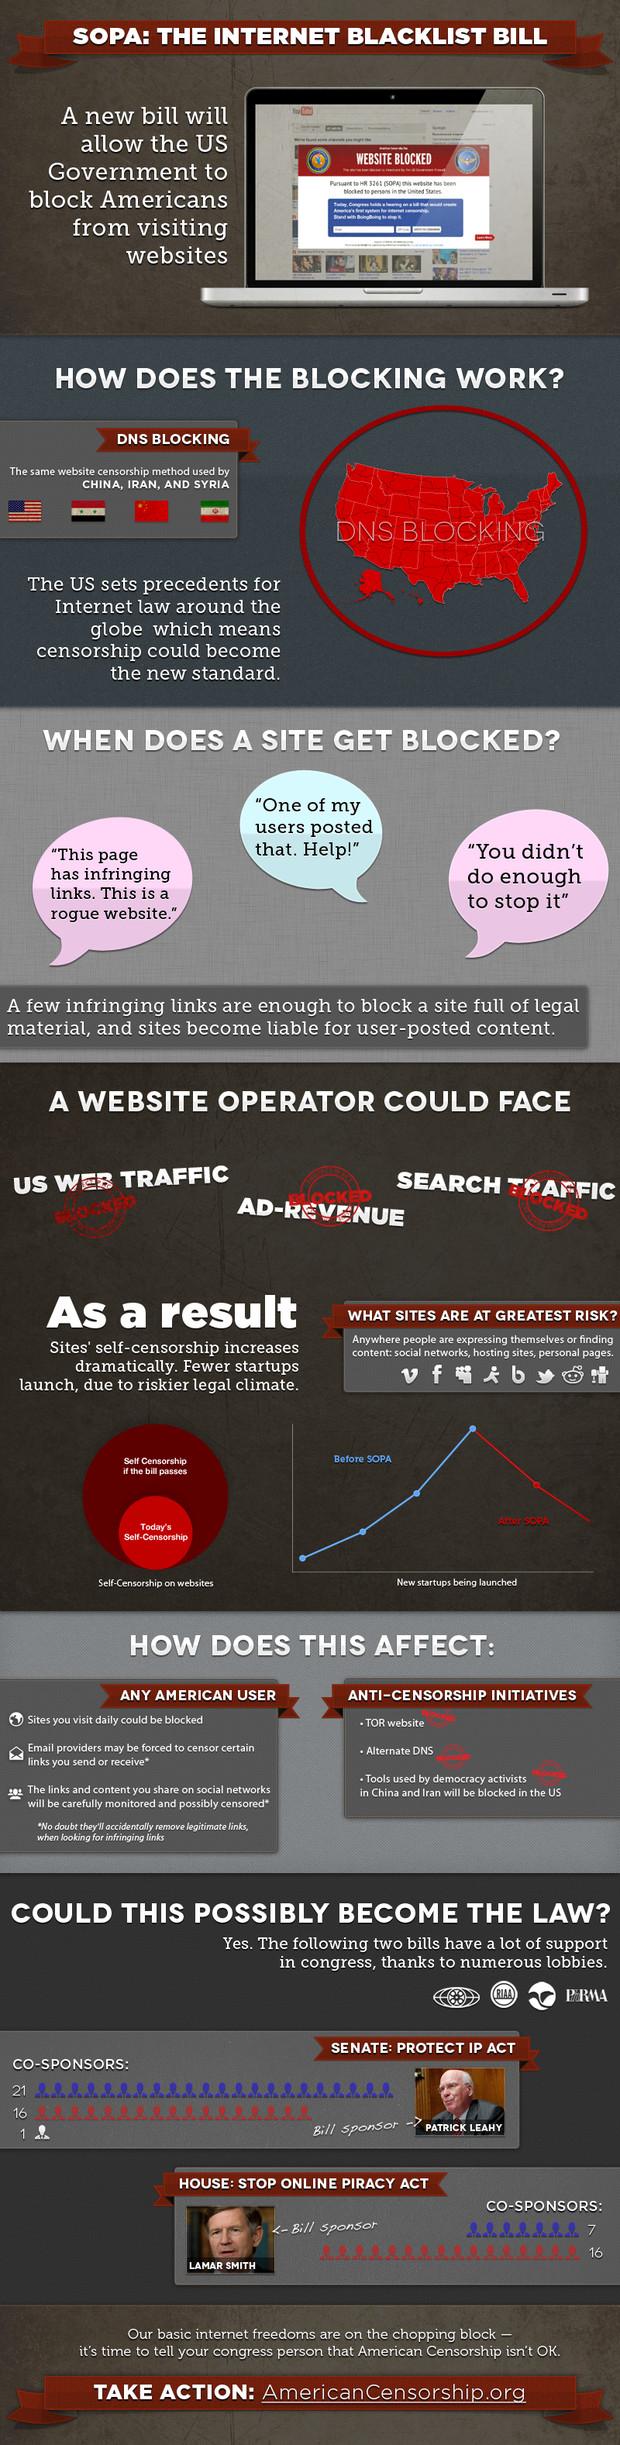 americancensorship ¿Qué es SOPA y por qué es tan peligrosa su aprobación en EEUU?